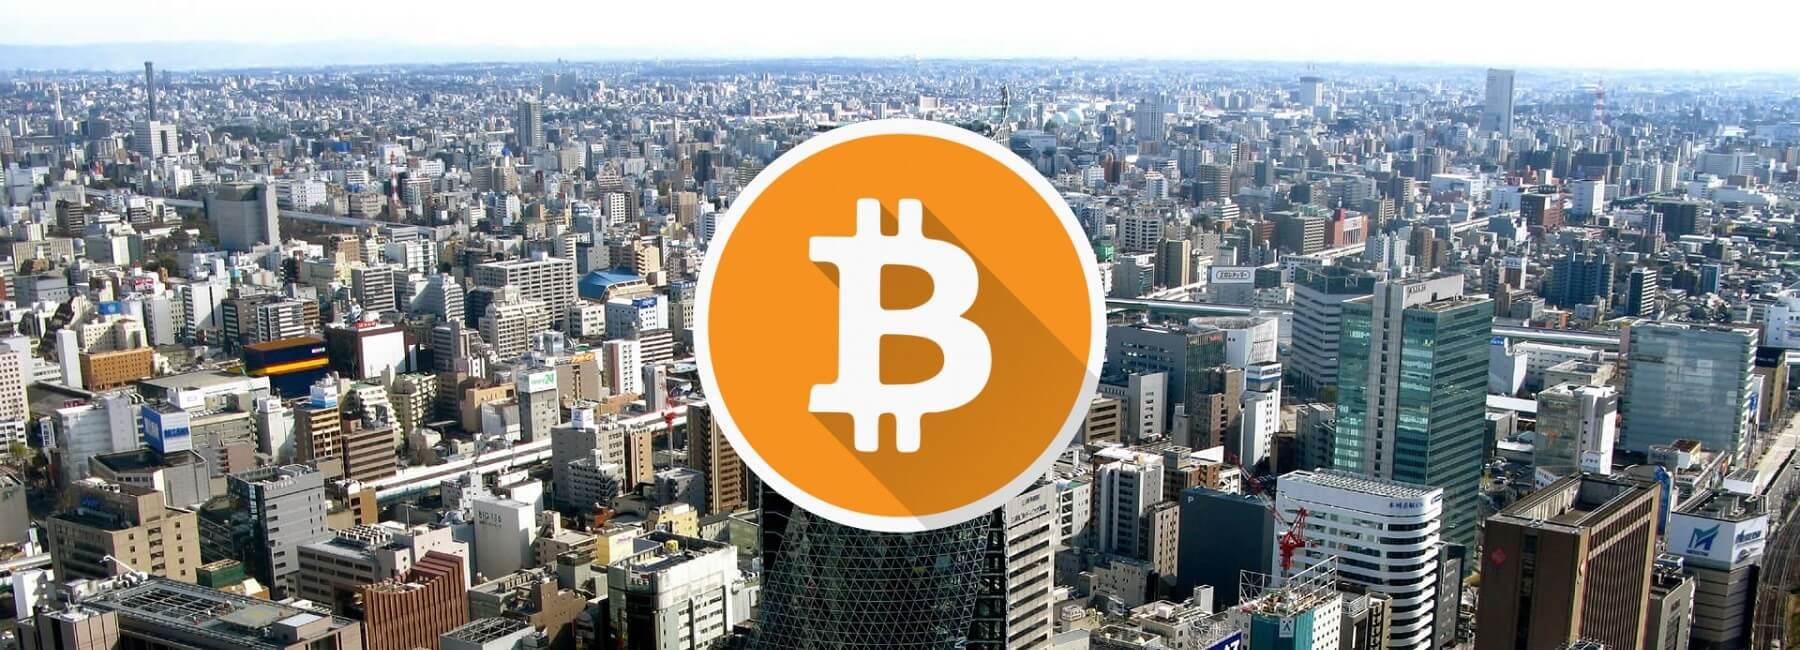 Sự thống trị của Bitcoin tăng lên mức cao nhất trong năm nay